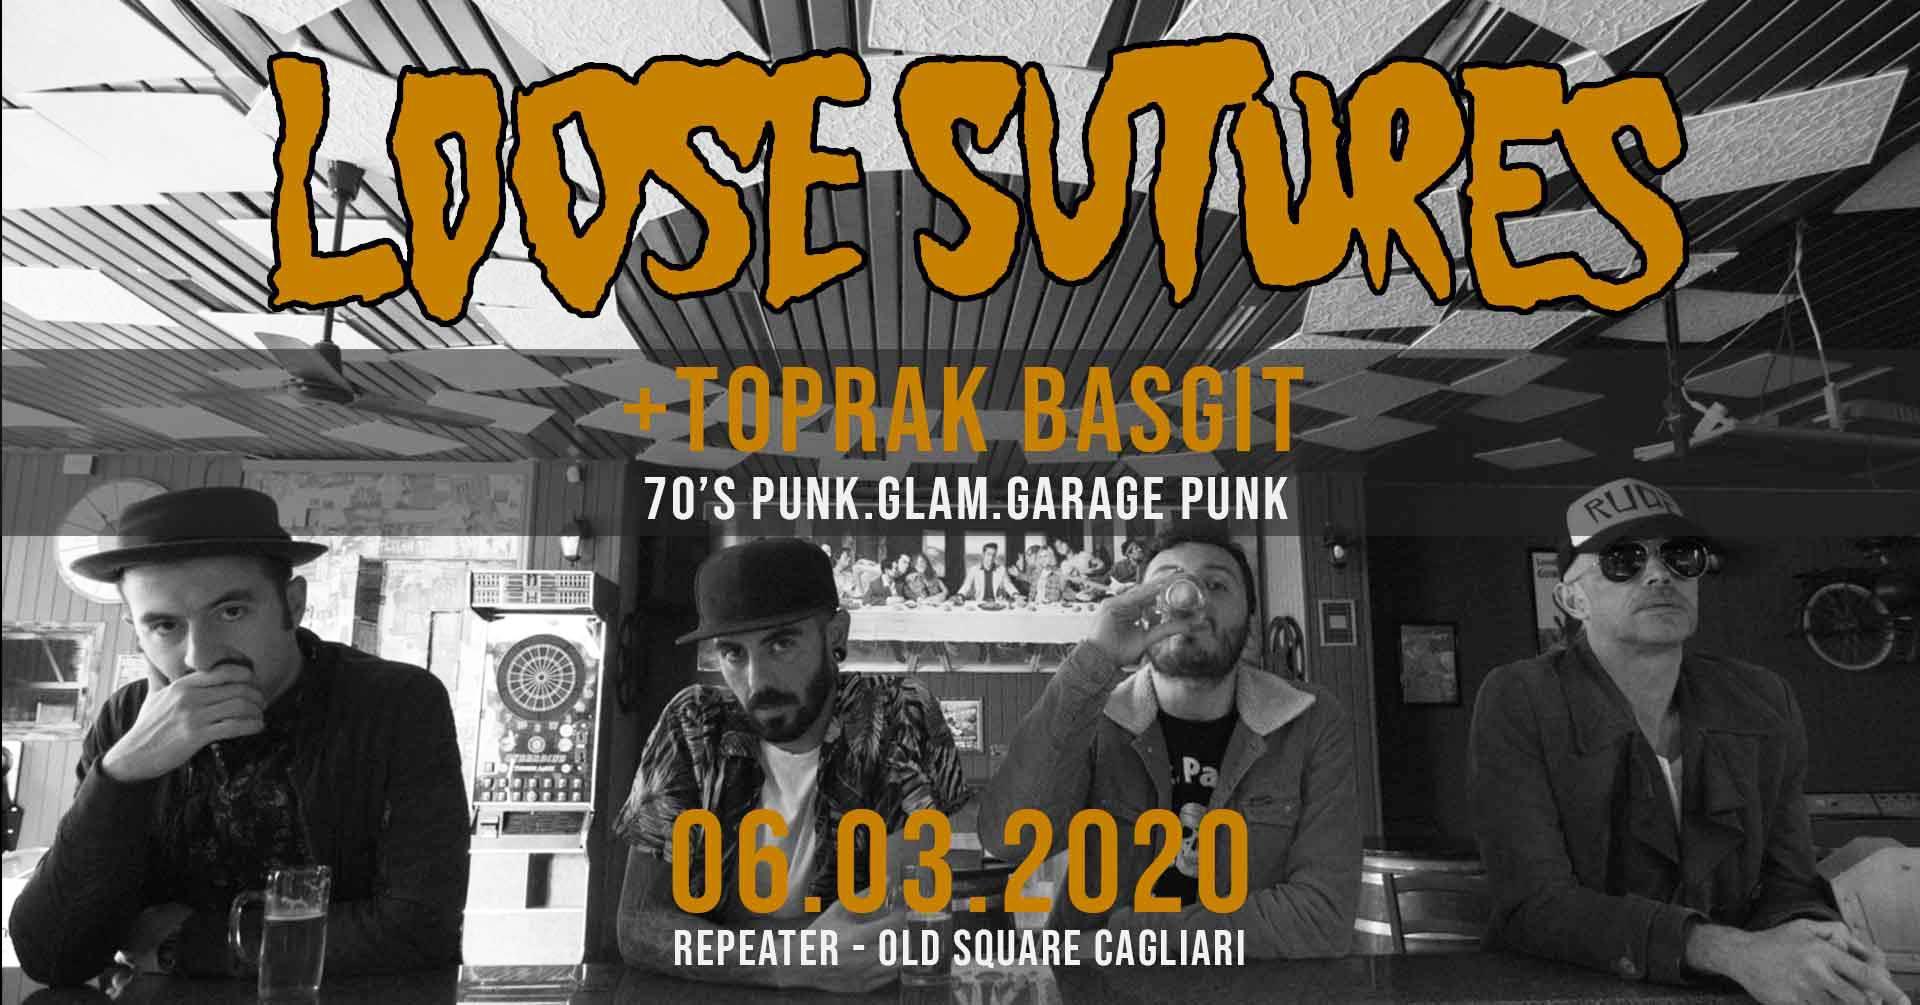 Repeater - Loose Sutures - Old Square - Cagliari - 6 marzo 2020 - eventi - 2020 - Sa Scena Sarda